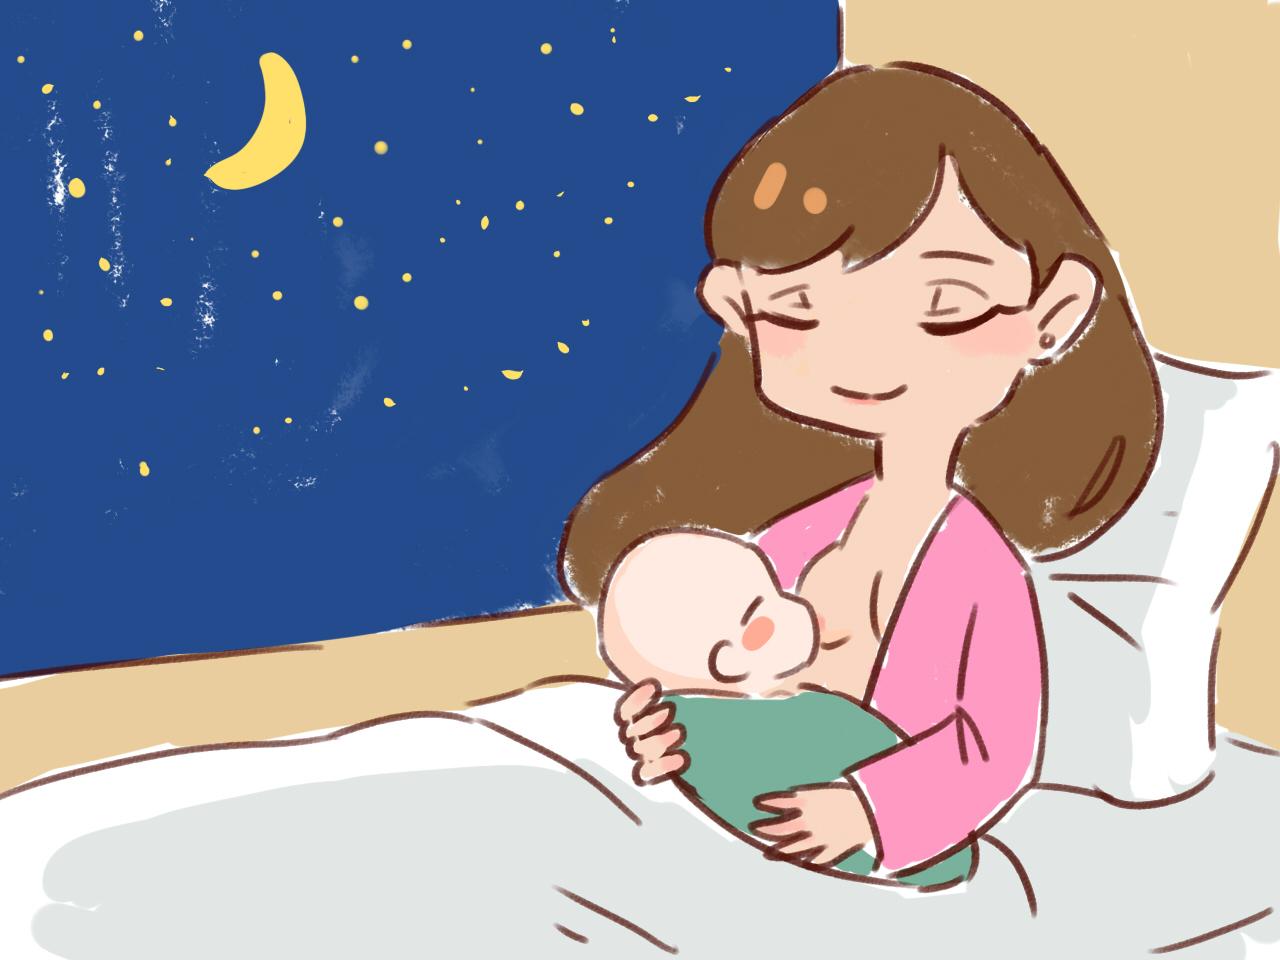 如何喂养宝宝,何时给宝宝断奶才最正确?